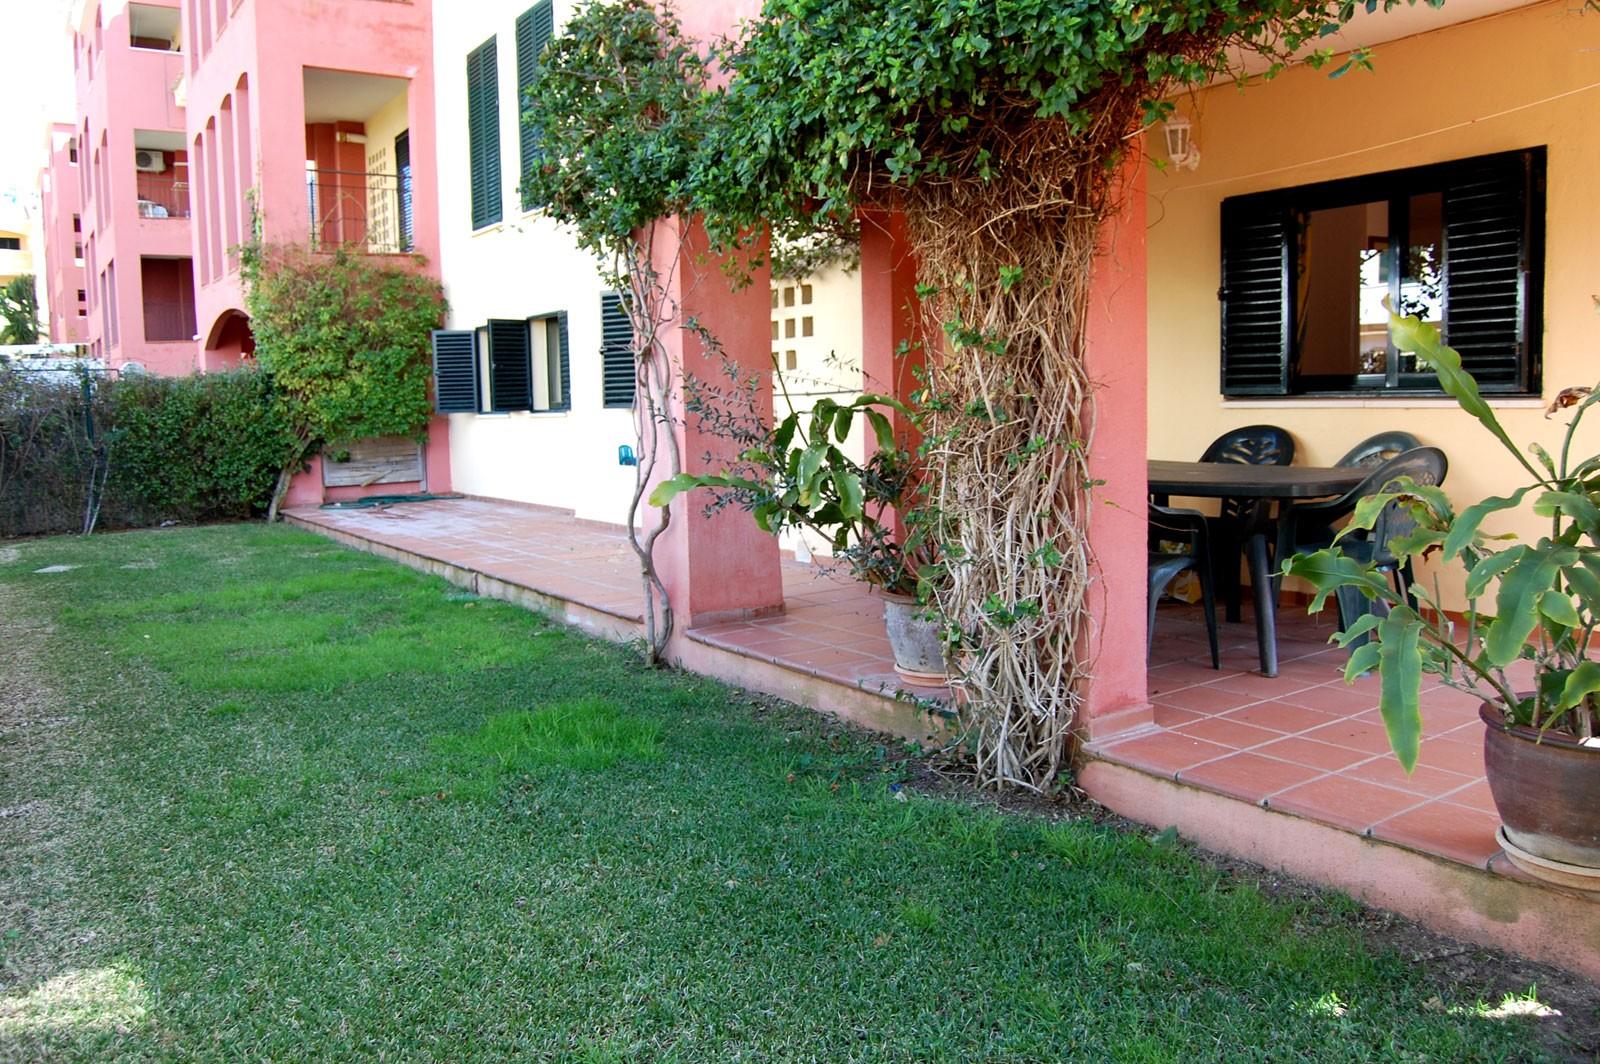 Alquiler de baco con jard n de 3 dormitorios y 2 ba os en for Alquiler bajo con jardin madrid